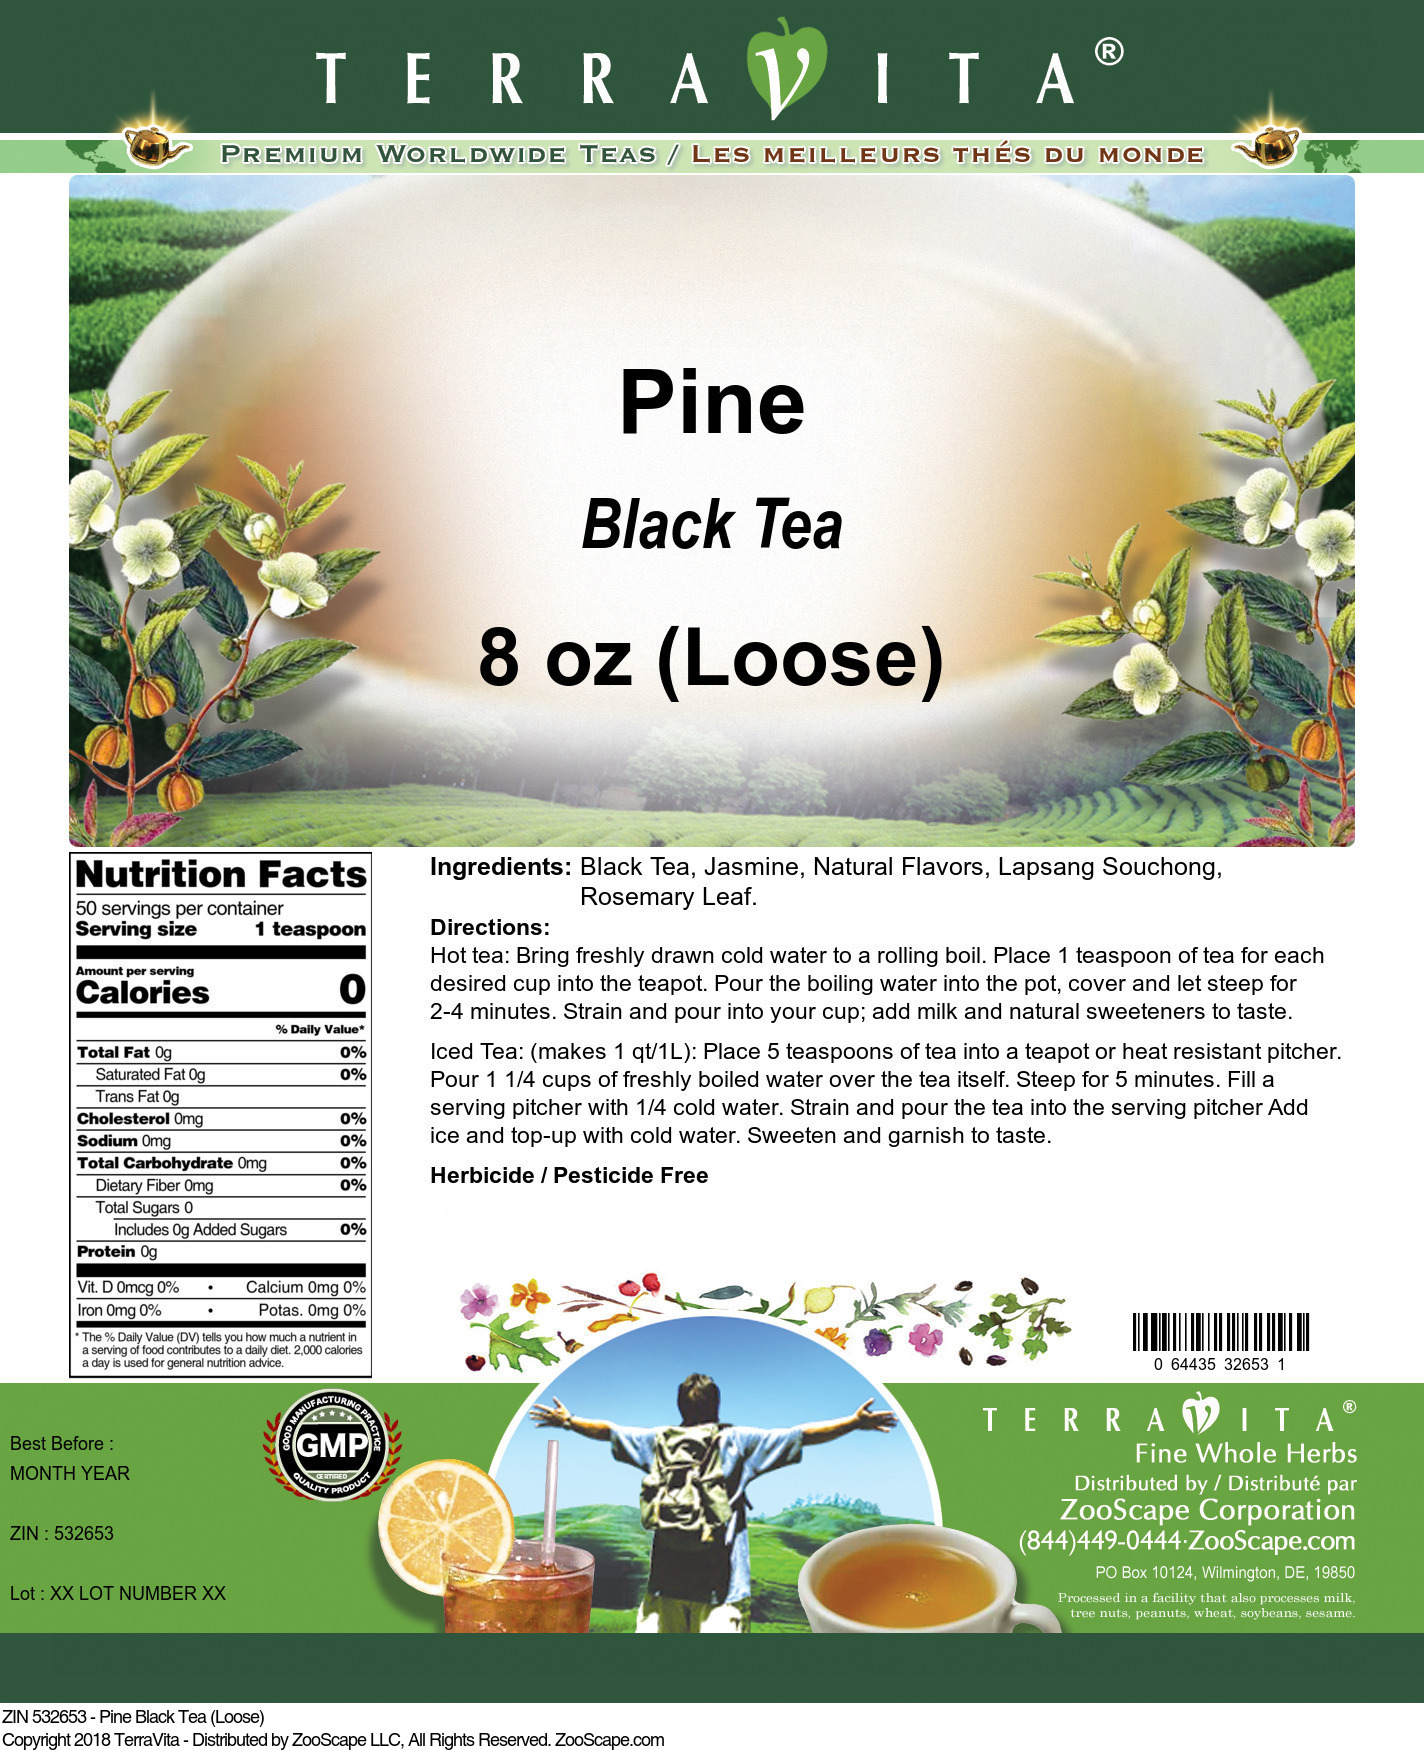 Pine Black Tea